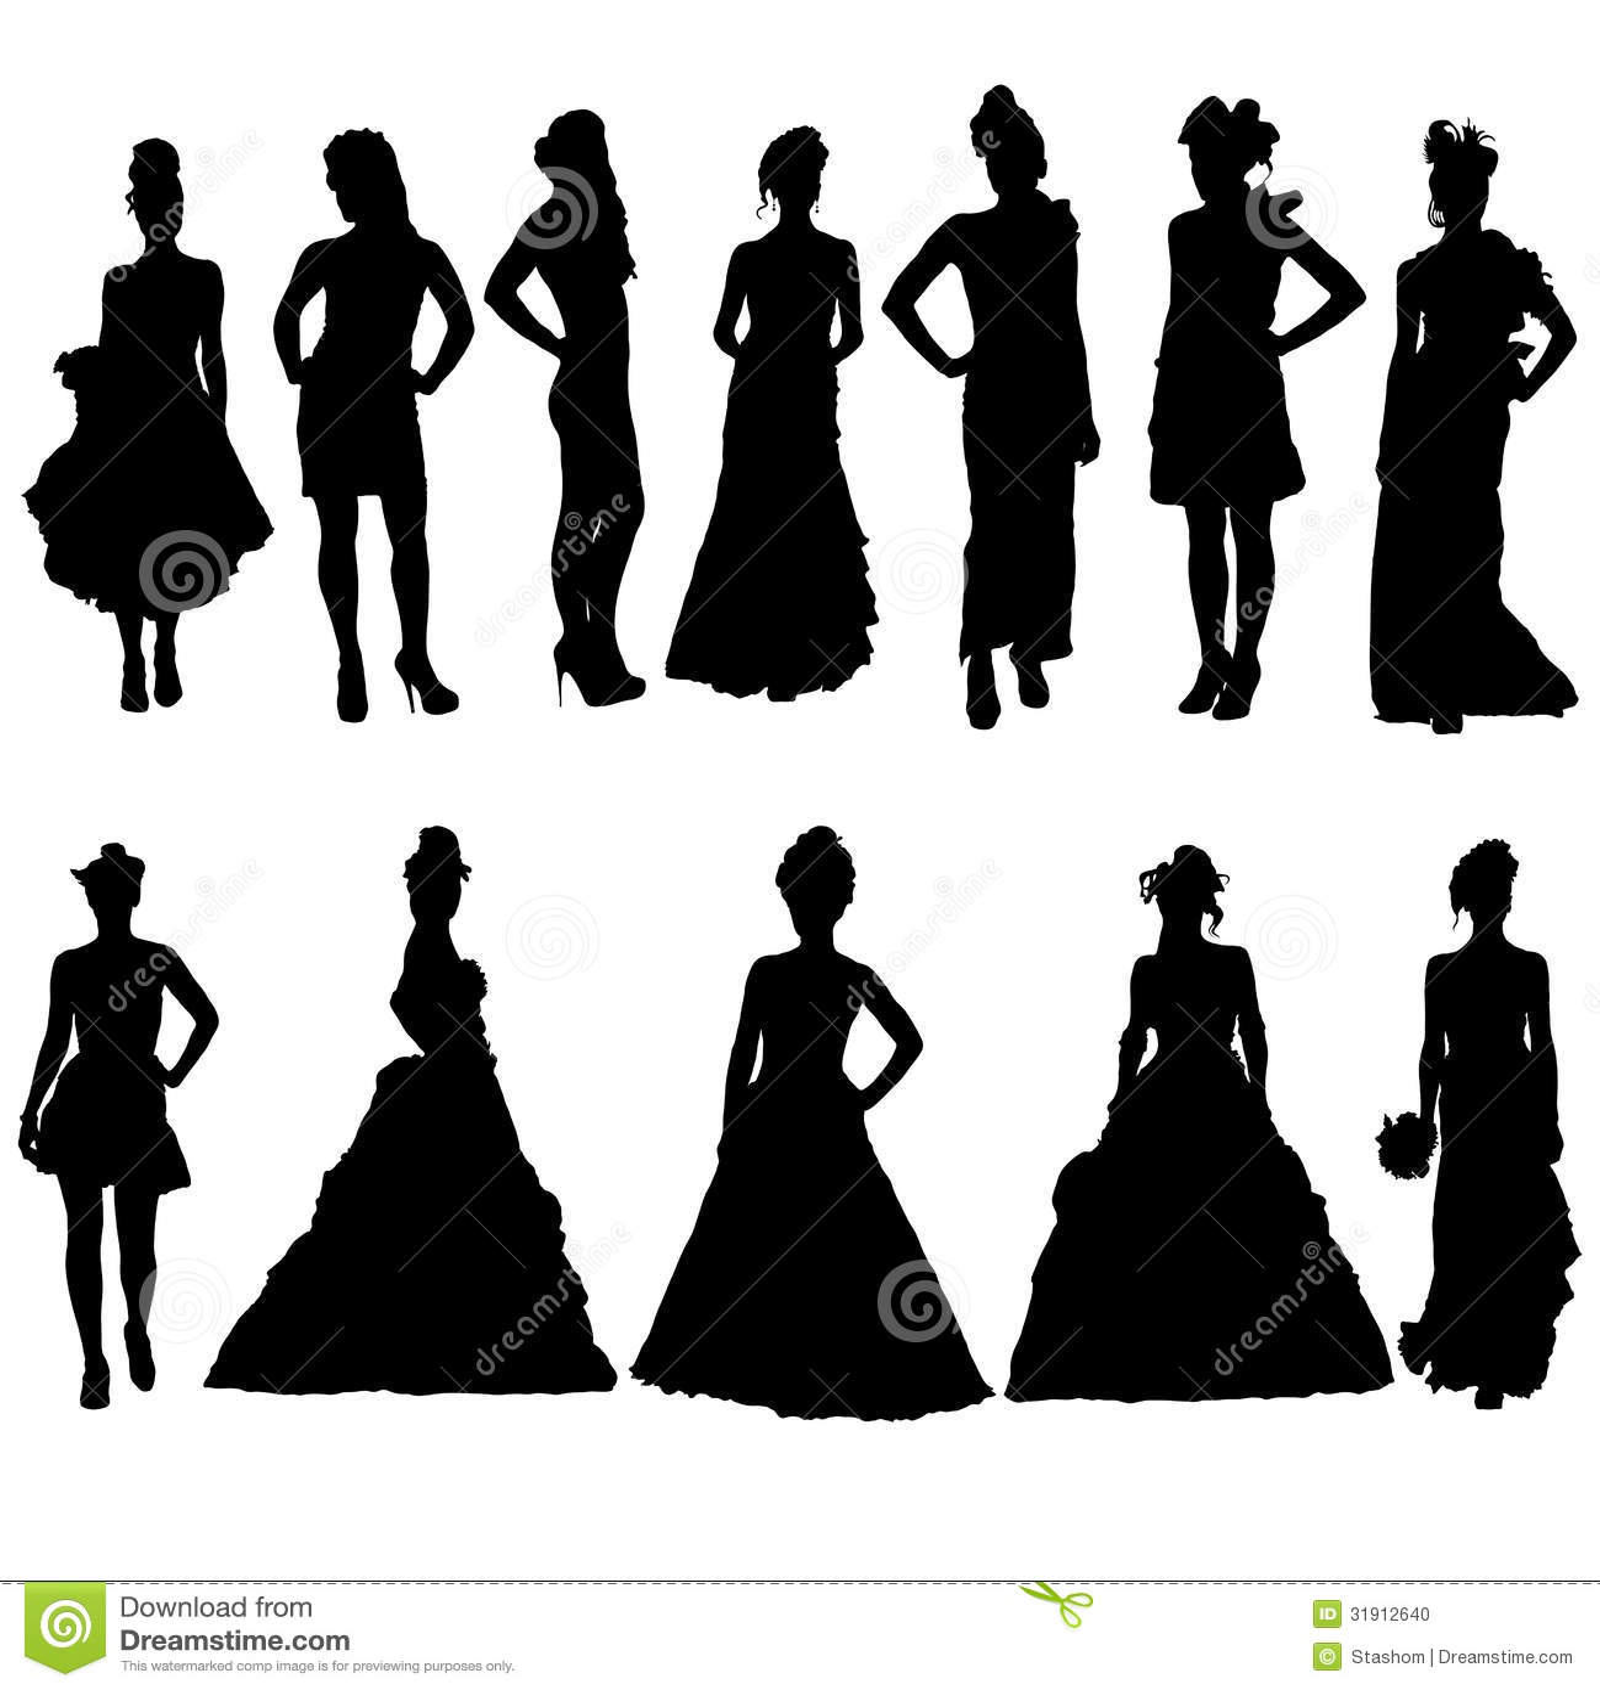 c45c12f09258 Σκιαγραφίες γυναικών στα διάφορα φορέματα. Διανυσματική απεικόνιση ...